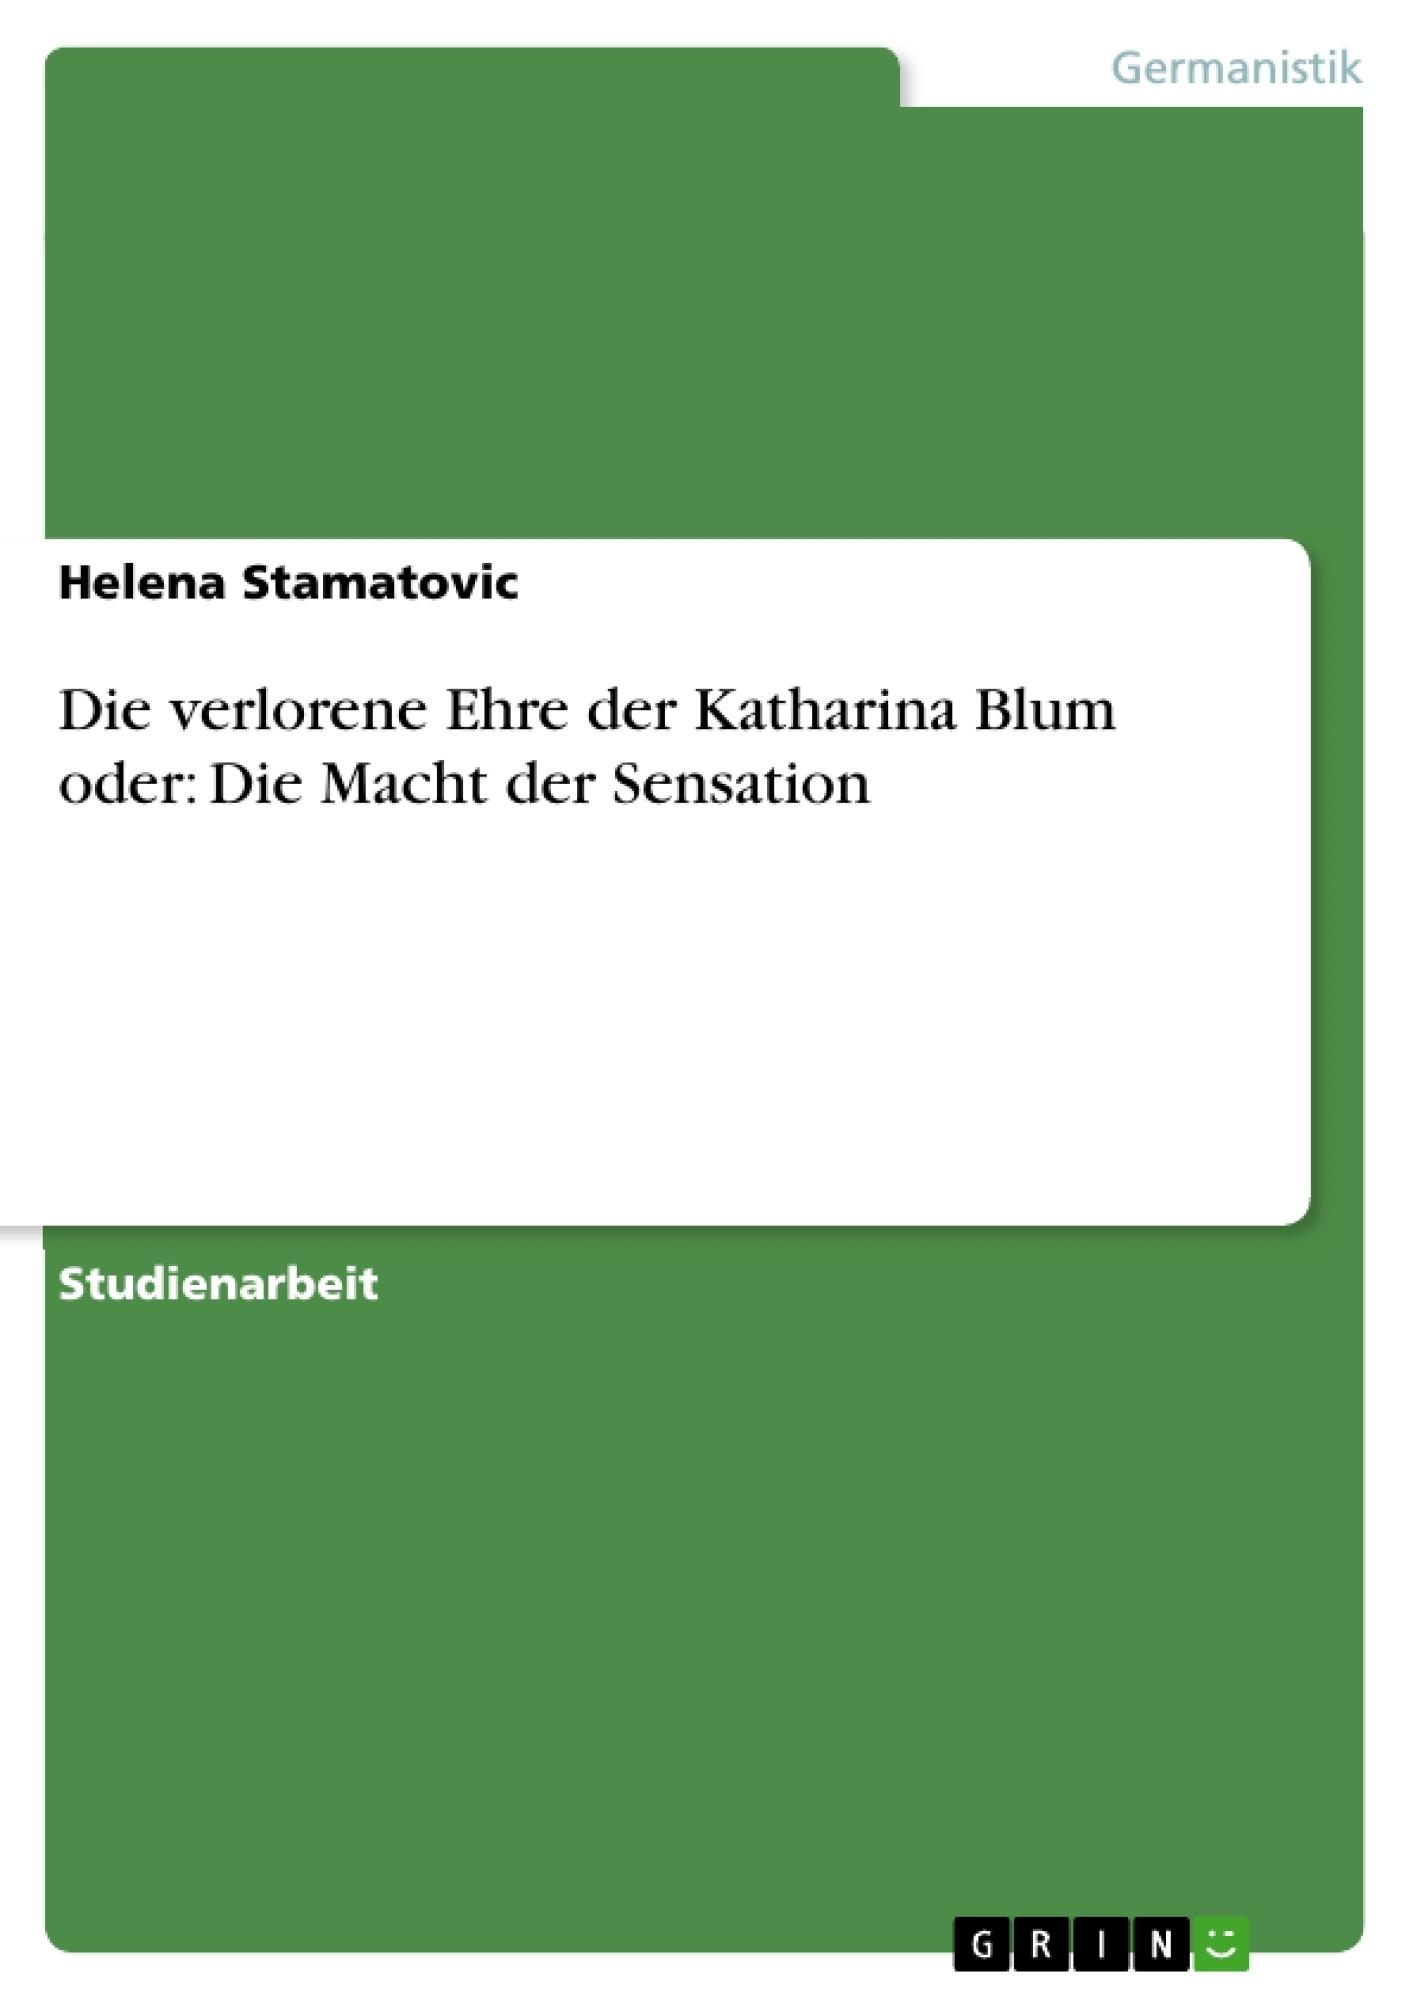 Titel: Die verlorene Ehre der Katharina Blum oder: Die Macht der Sensation